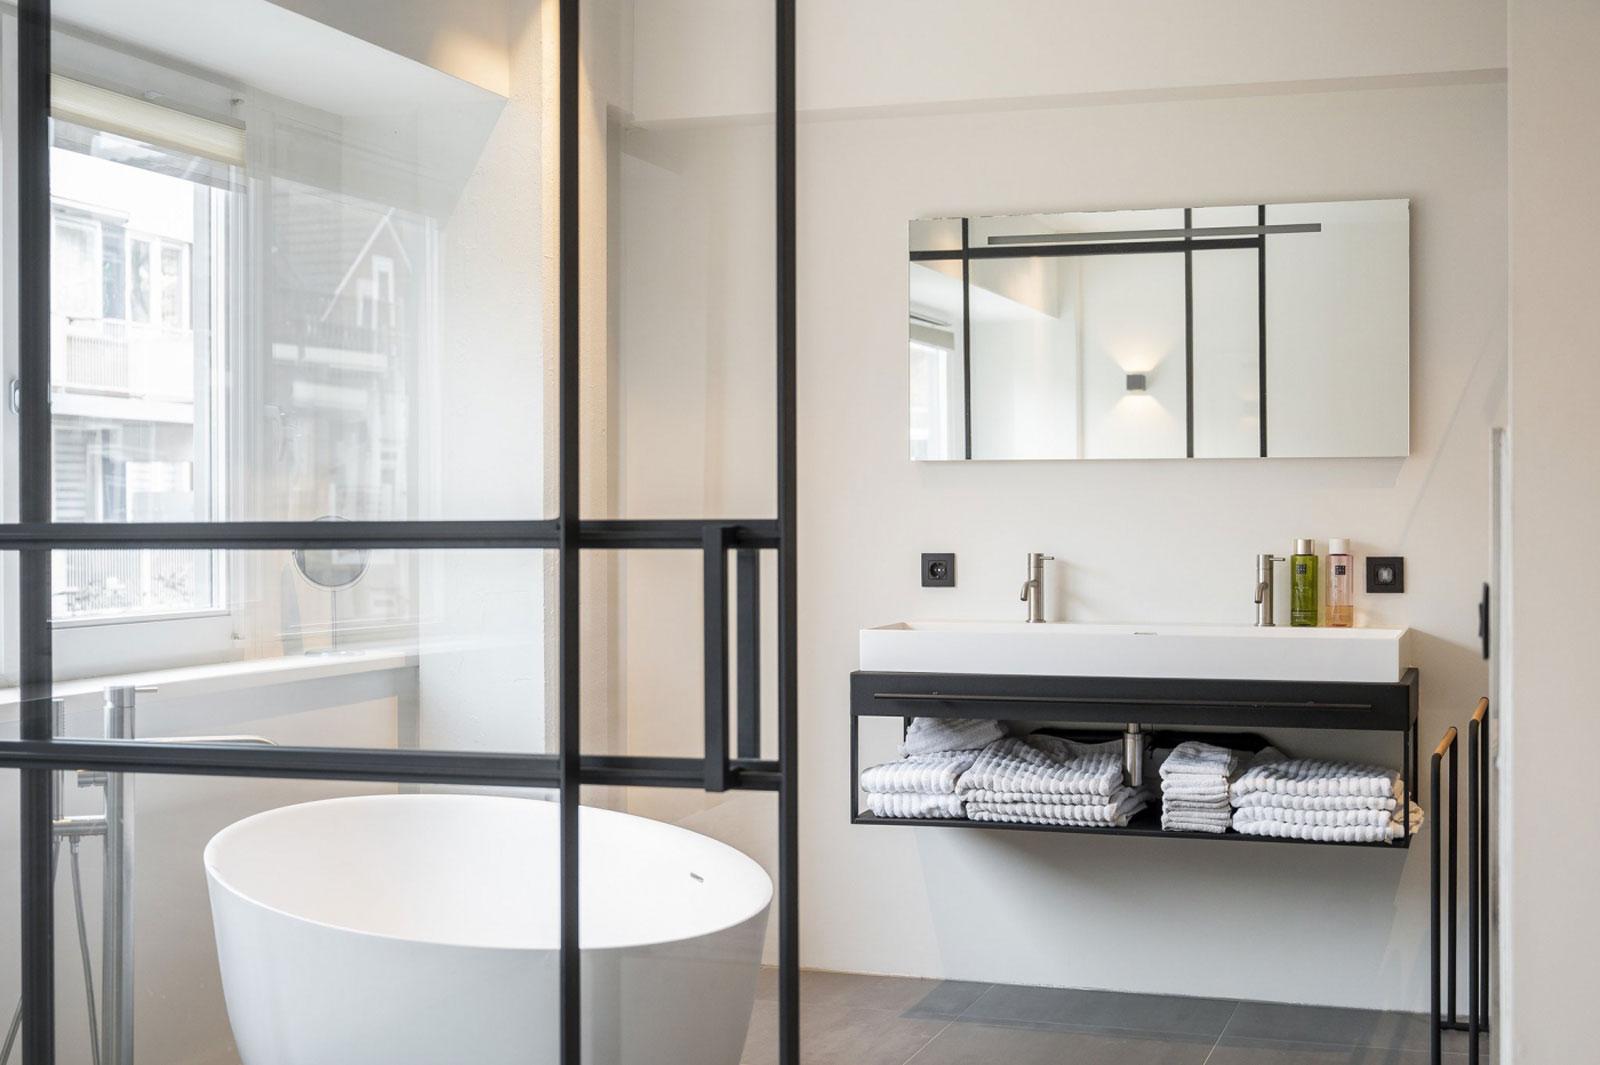 interieur badkamer - transformatie kantoor loftwoningen Noordsingel Rotterdam